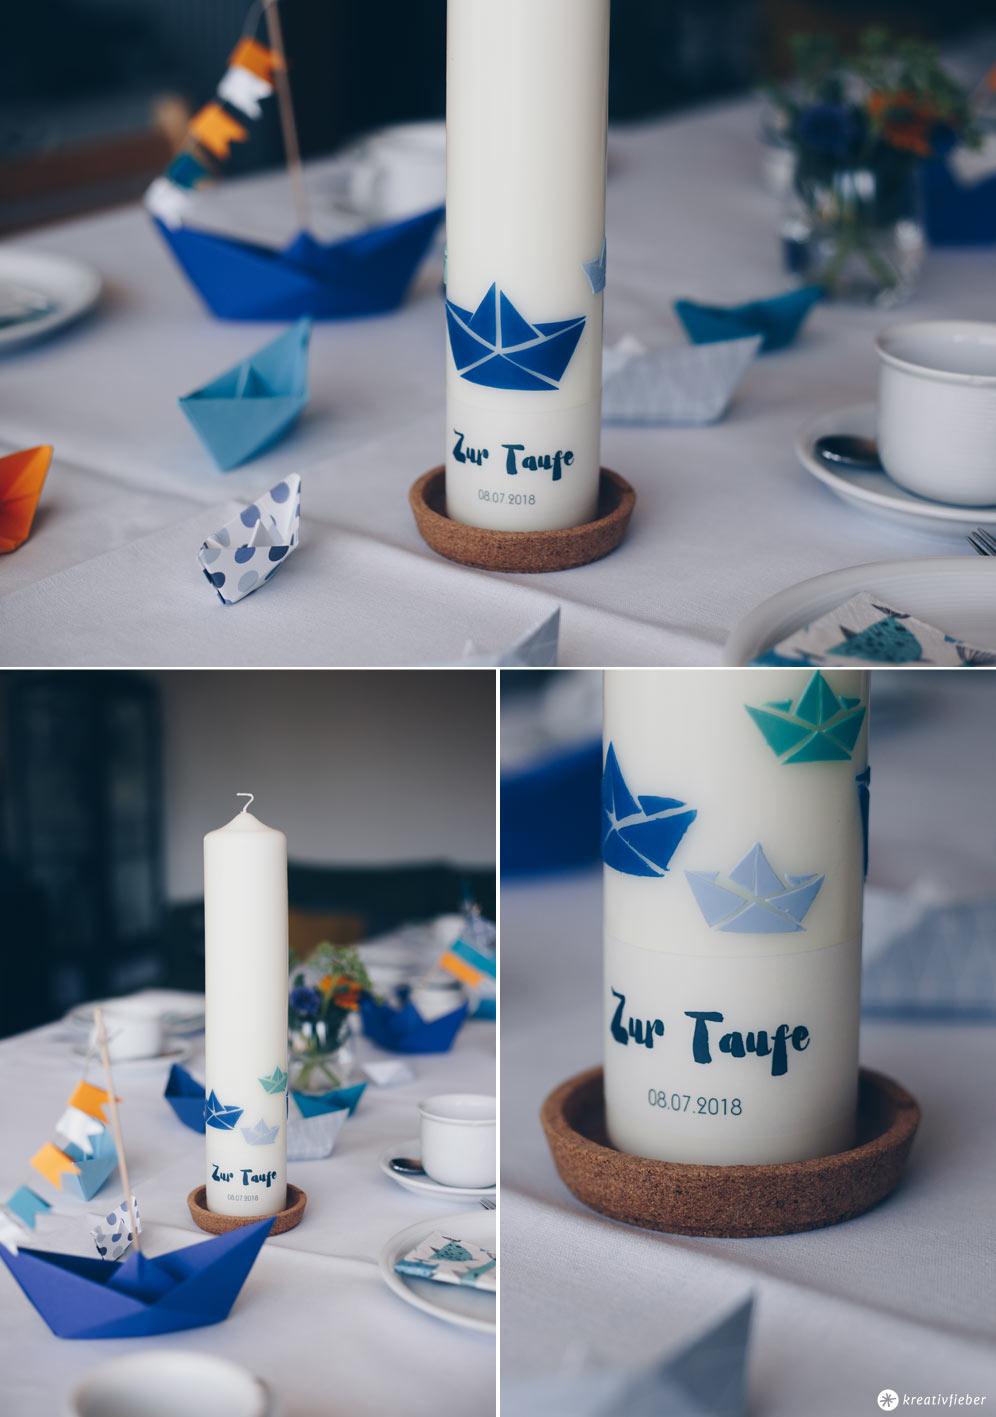 DIY Taufkerze selbermachen - Schritt für Schritt Anleitung mit Wachsplatten und Transparentpapier - Taufe mit Booten - Origami Boote zur Taufe